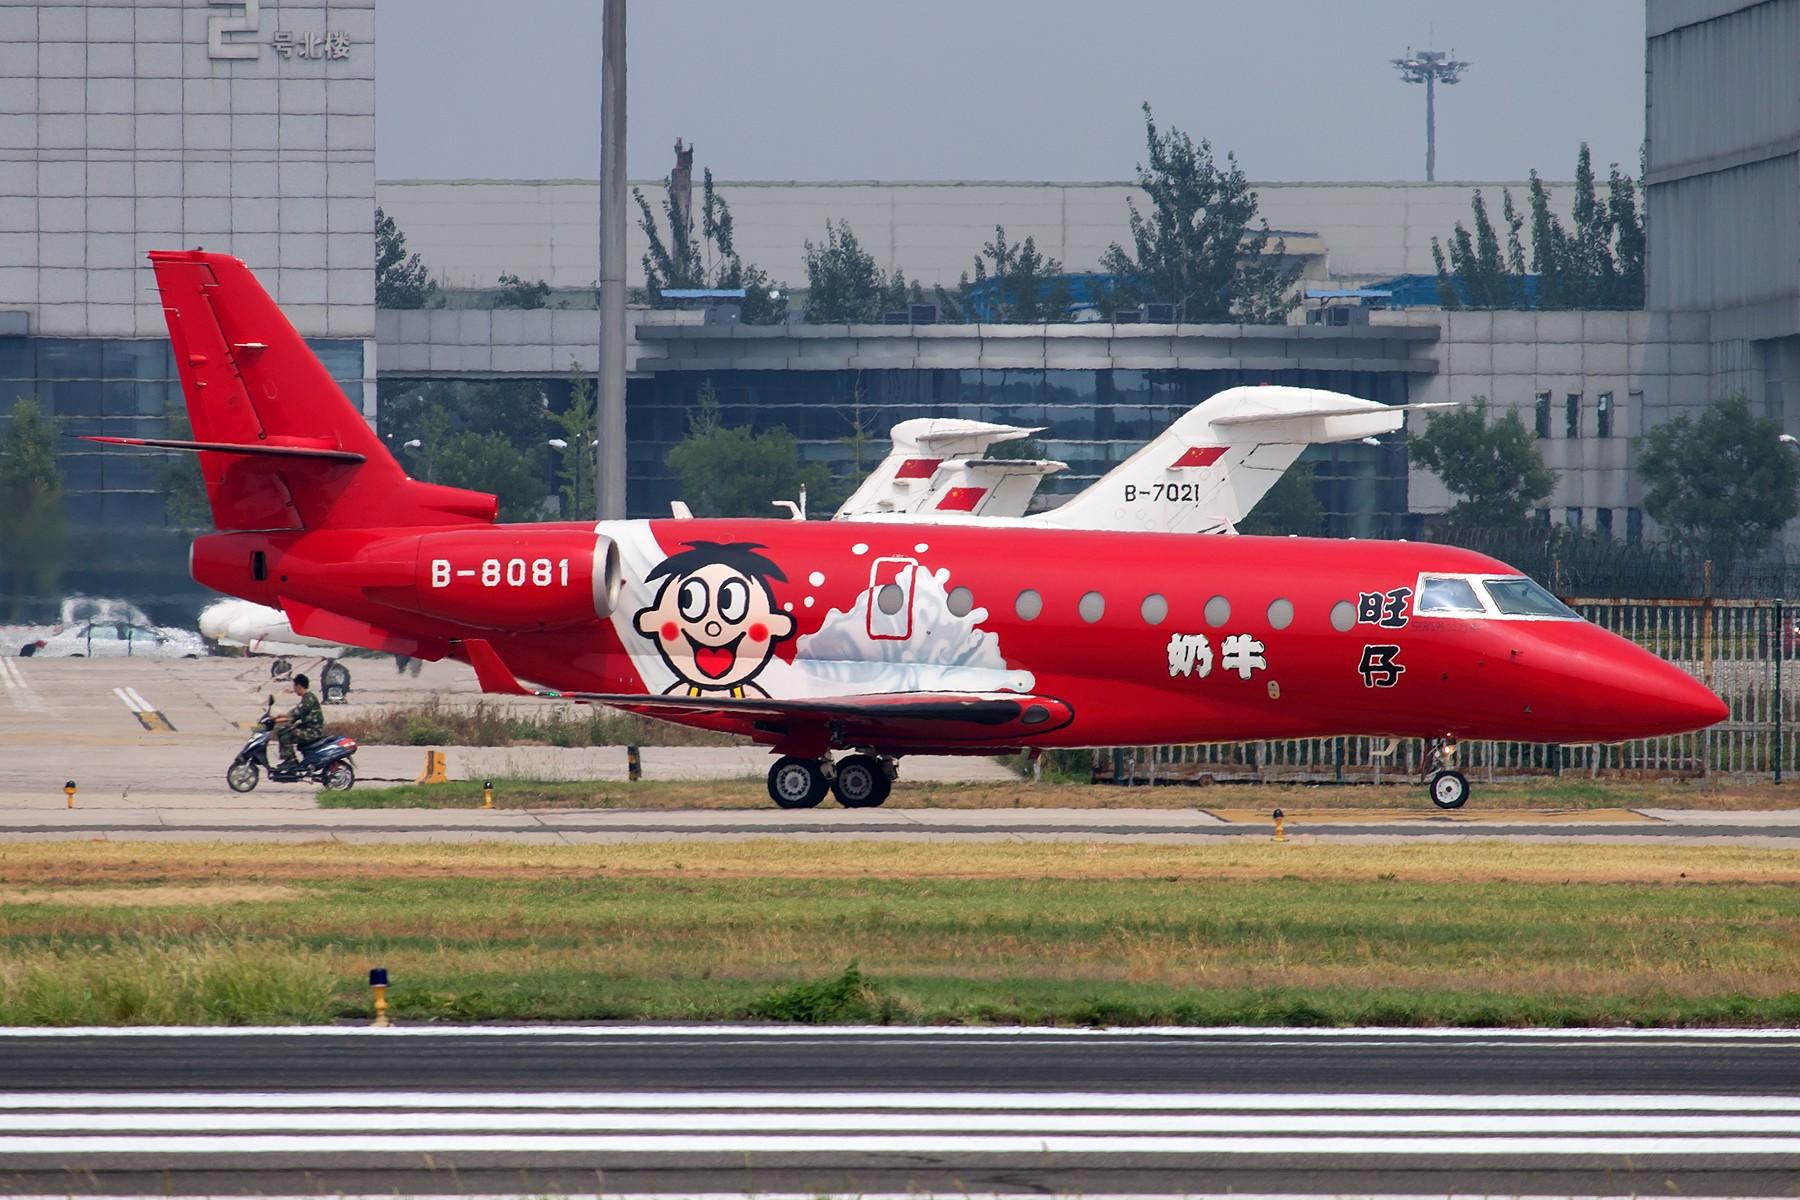 [原创][一图党] 奶牛 (解决有无、忽略地热) 1800*1200 GULFSTREAM G200 B-8081 中国北京首都国际机场